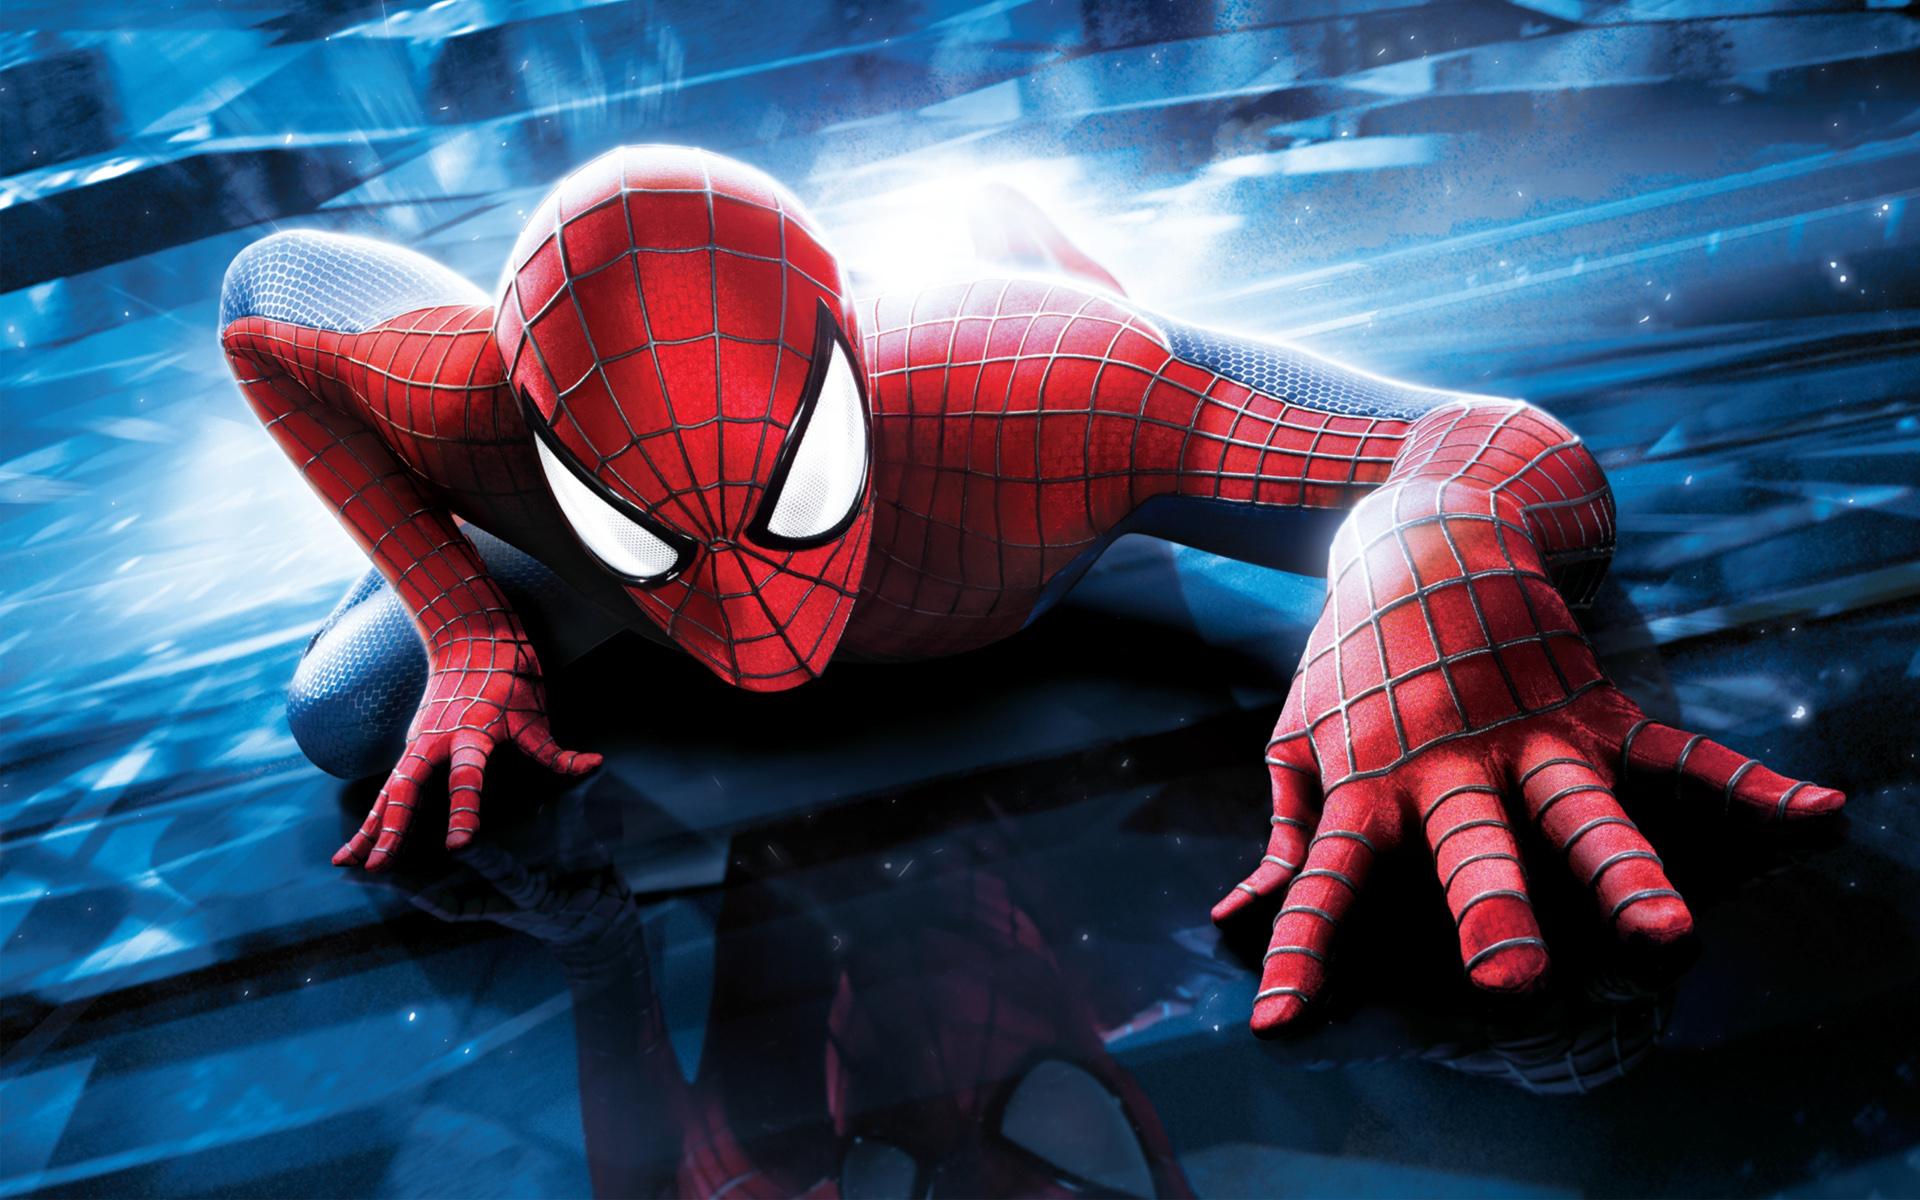 Free Download Spiderman Wallpaper Full Hd 3